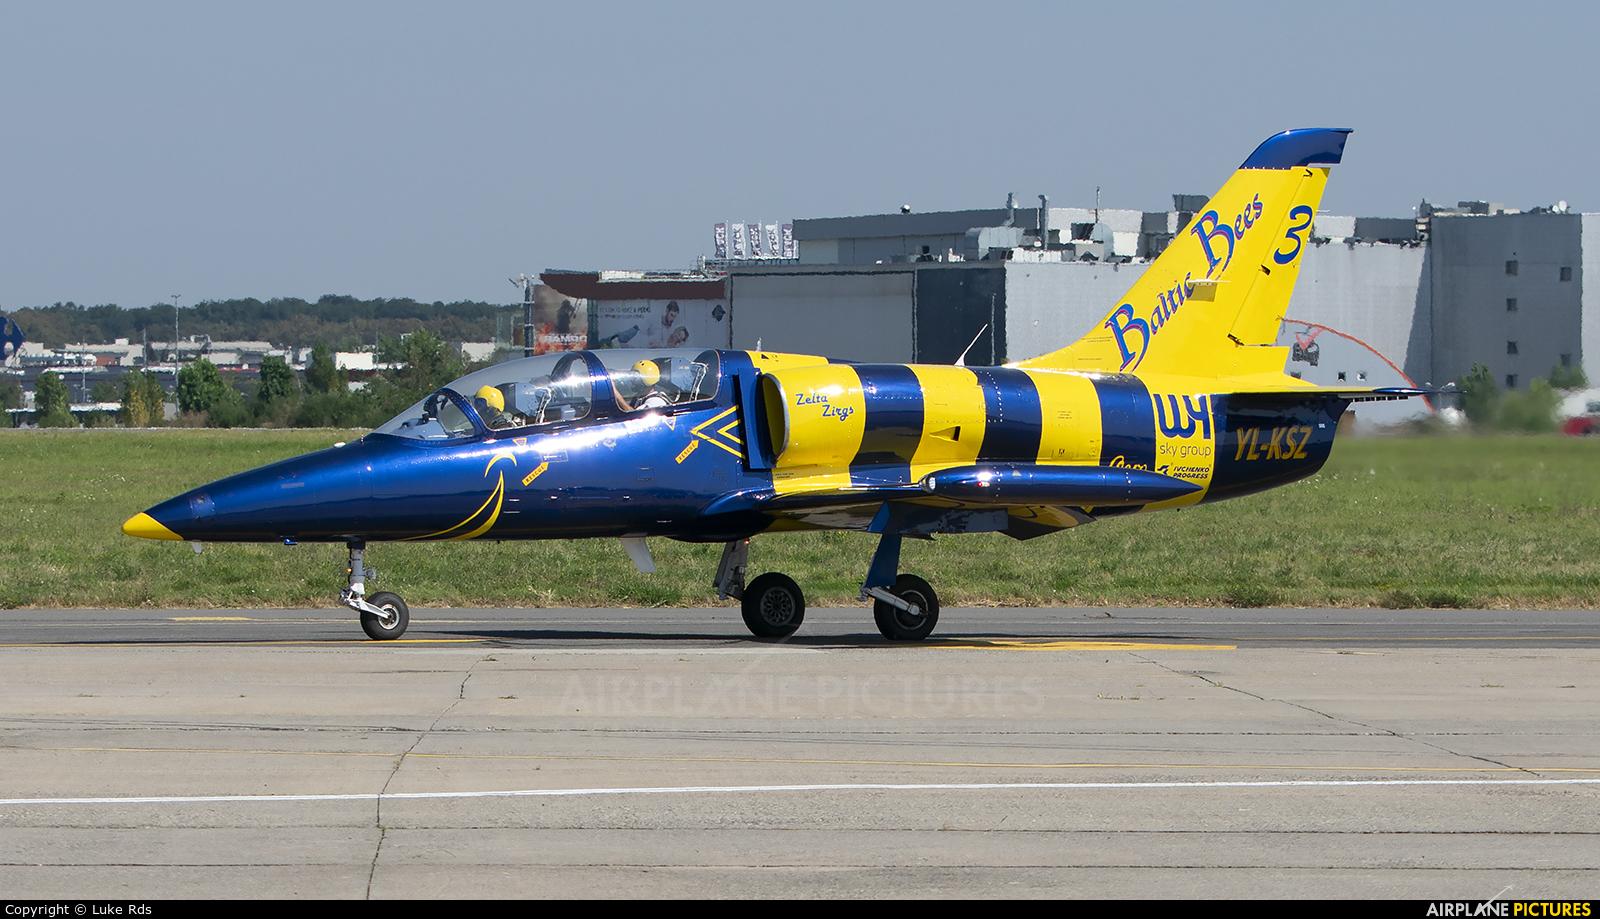 Baltic Bees Jet Team YL-KSZ aircraft at Bucharest - Aurel Vlaicu Intl